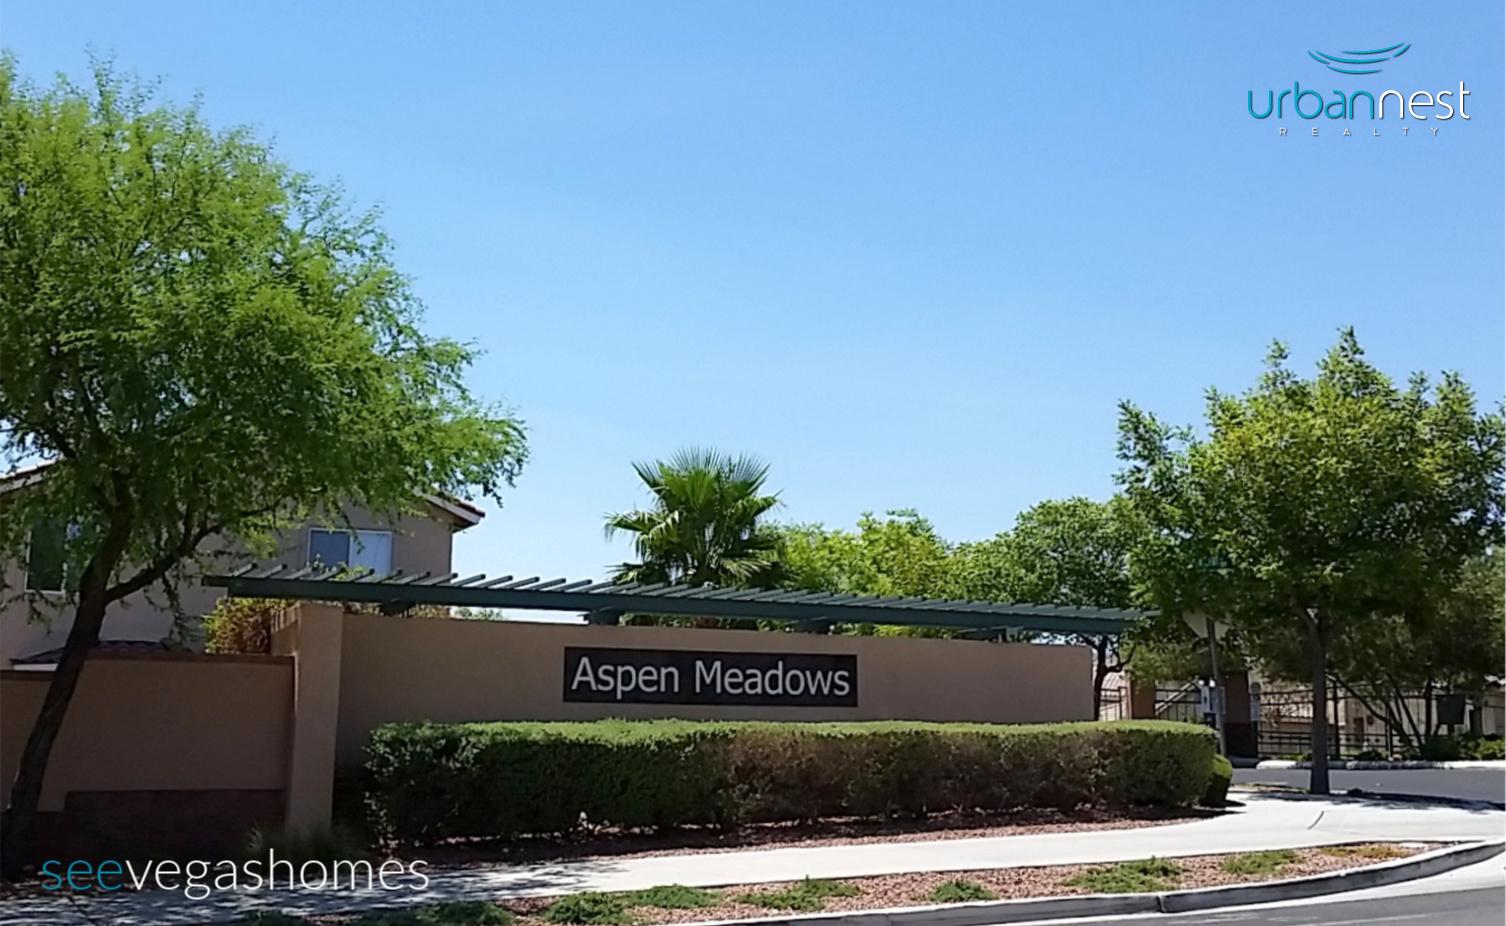 Aspen_Meadows_Summerlin_Las_Vegas_NV_89144